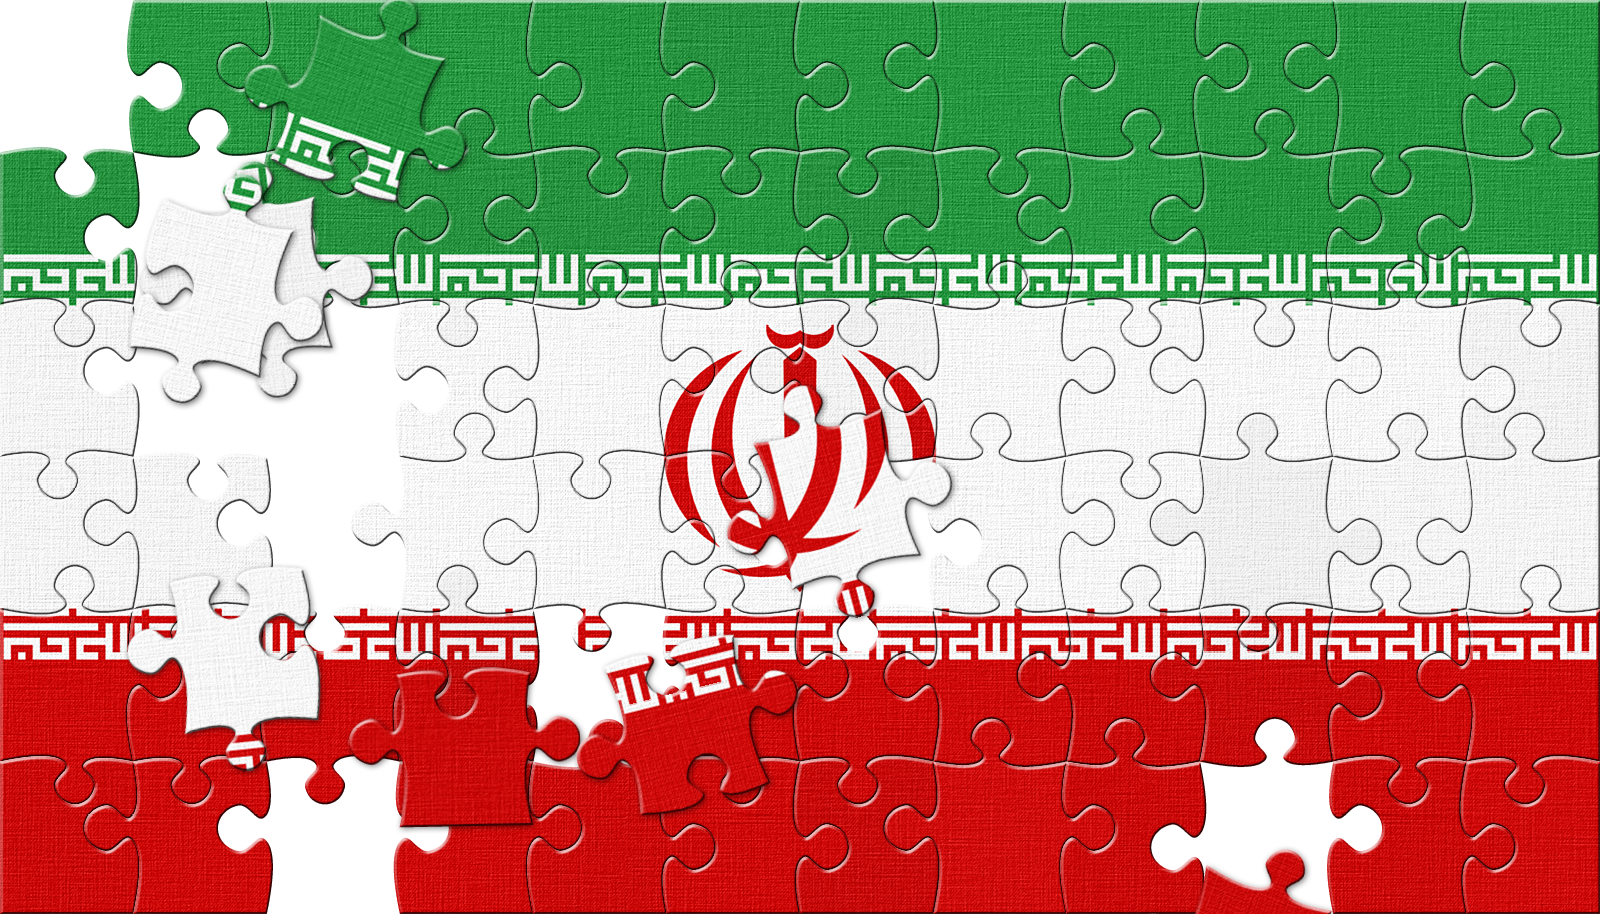 Иран ударил баллистическими ракетами побазе США вИраке